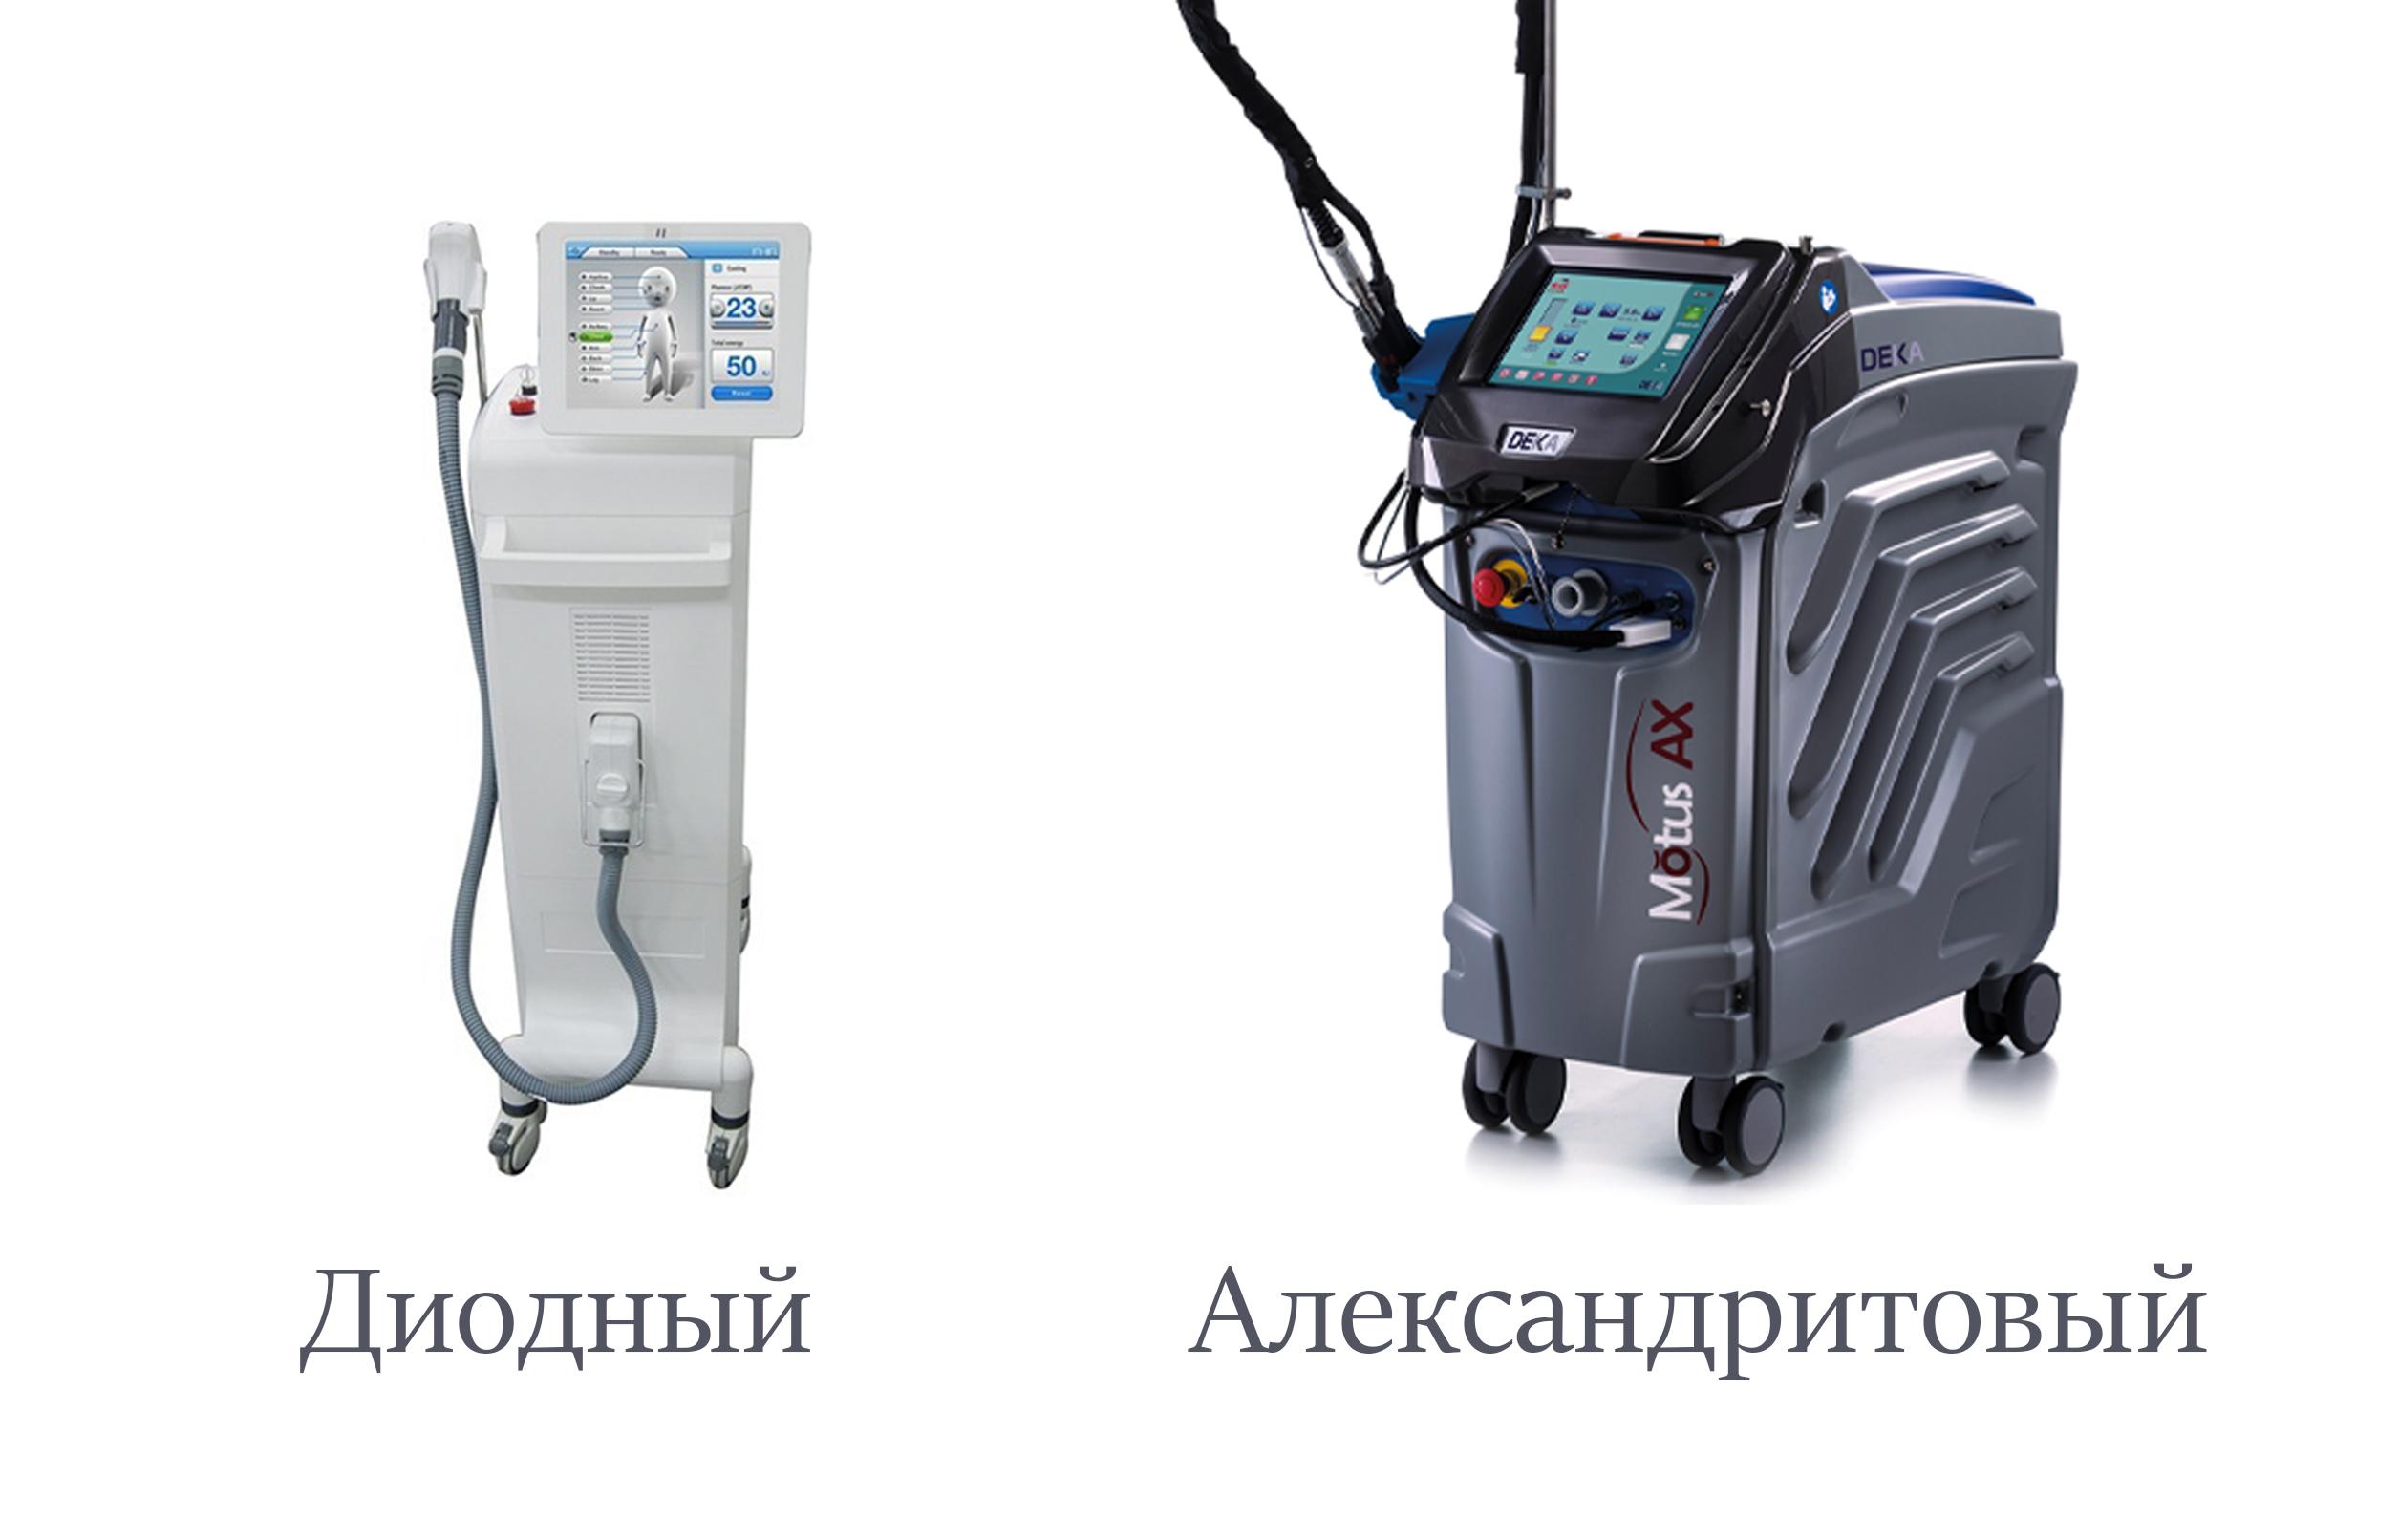 Диодный и александритовый лазеры